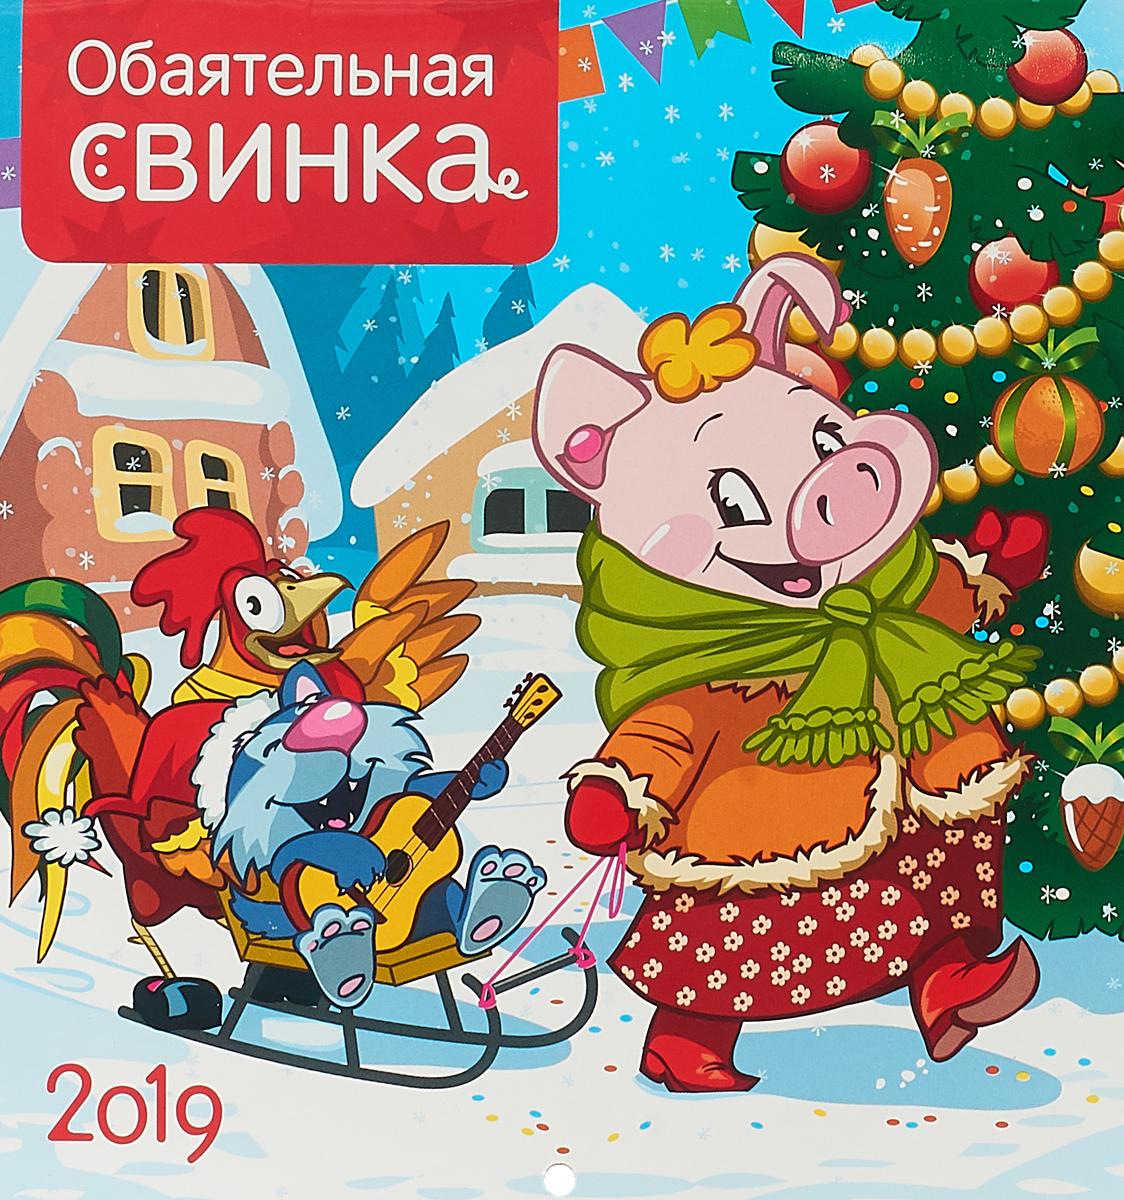 Календарь перекидной на 2019 год. Обаятельная свинка цены